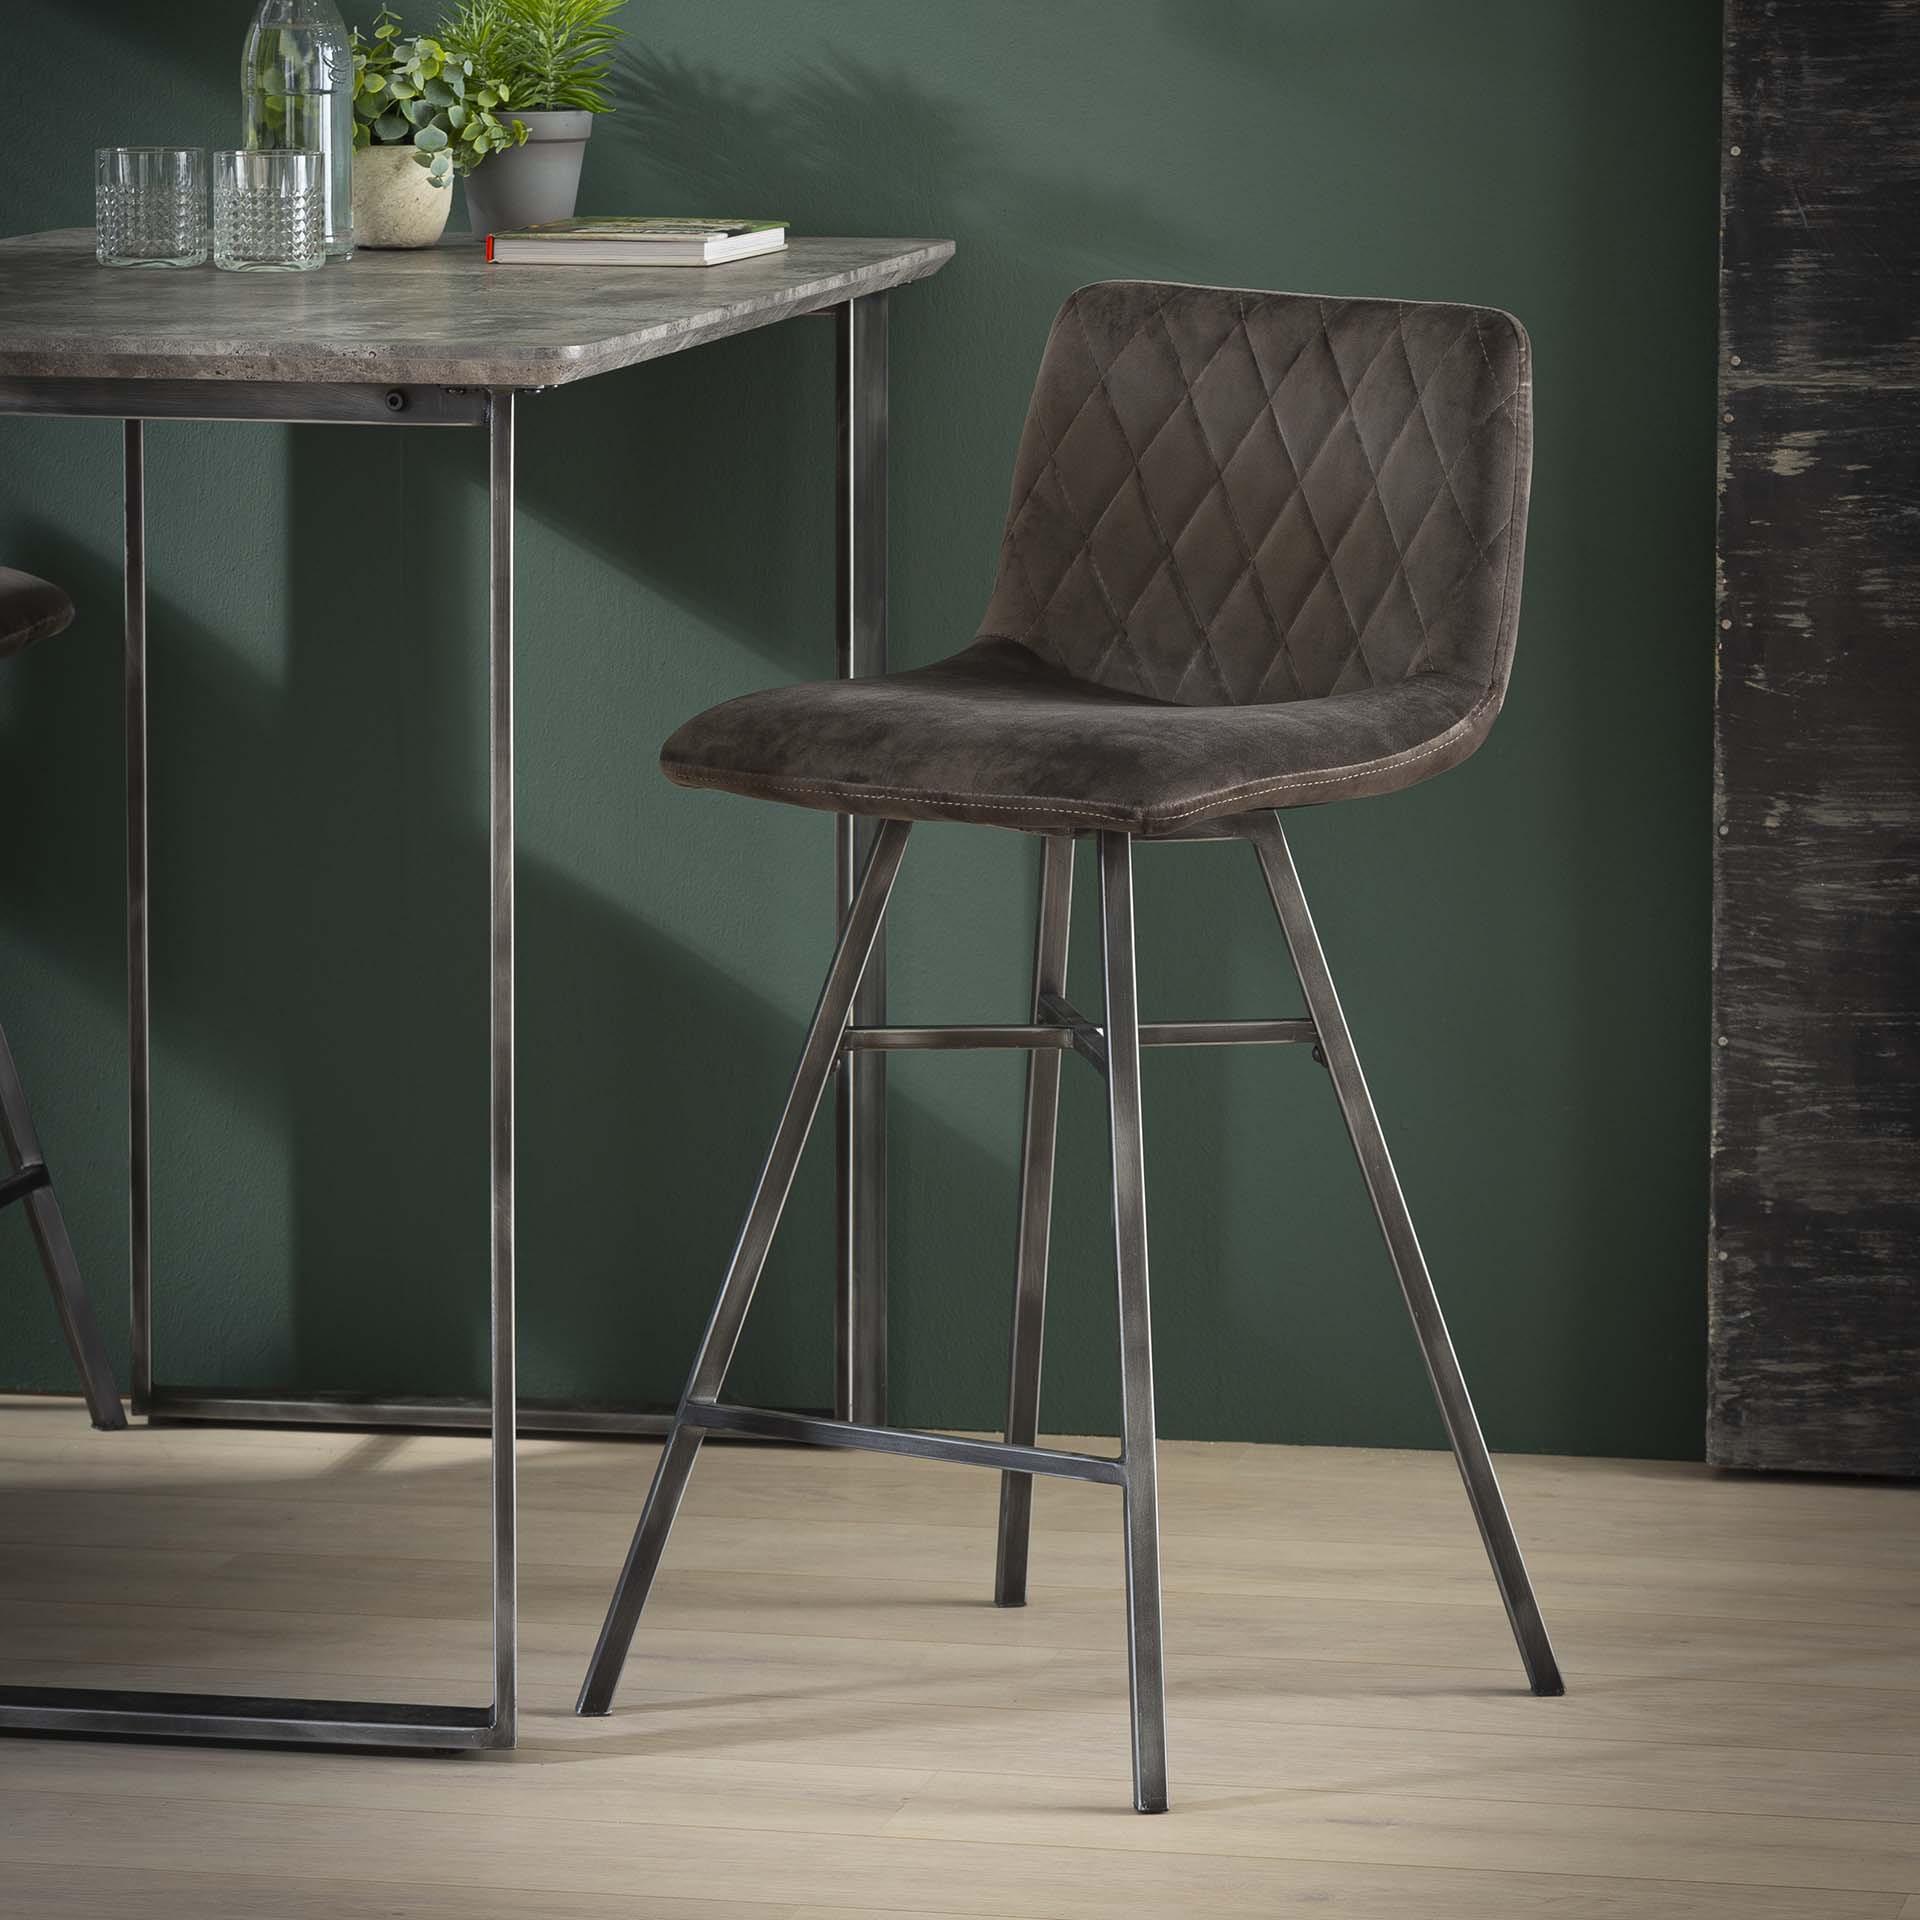 Barstoel 'Fedde' (zithoogte 68cm) kleur Antraciet Velours Zitmeubelen | Barkrukken & Barstoelen vergelijken doe je het voordeligst hier bij Meubelpartner